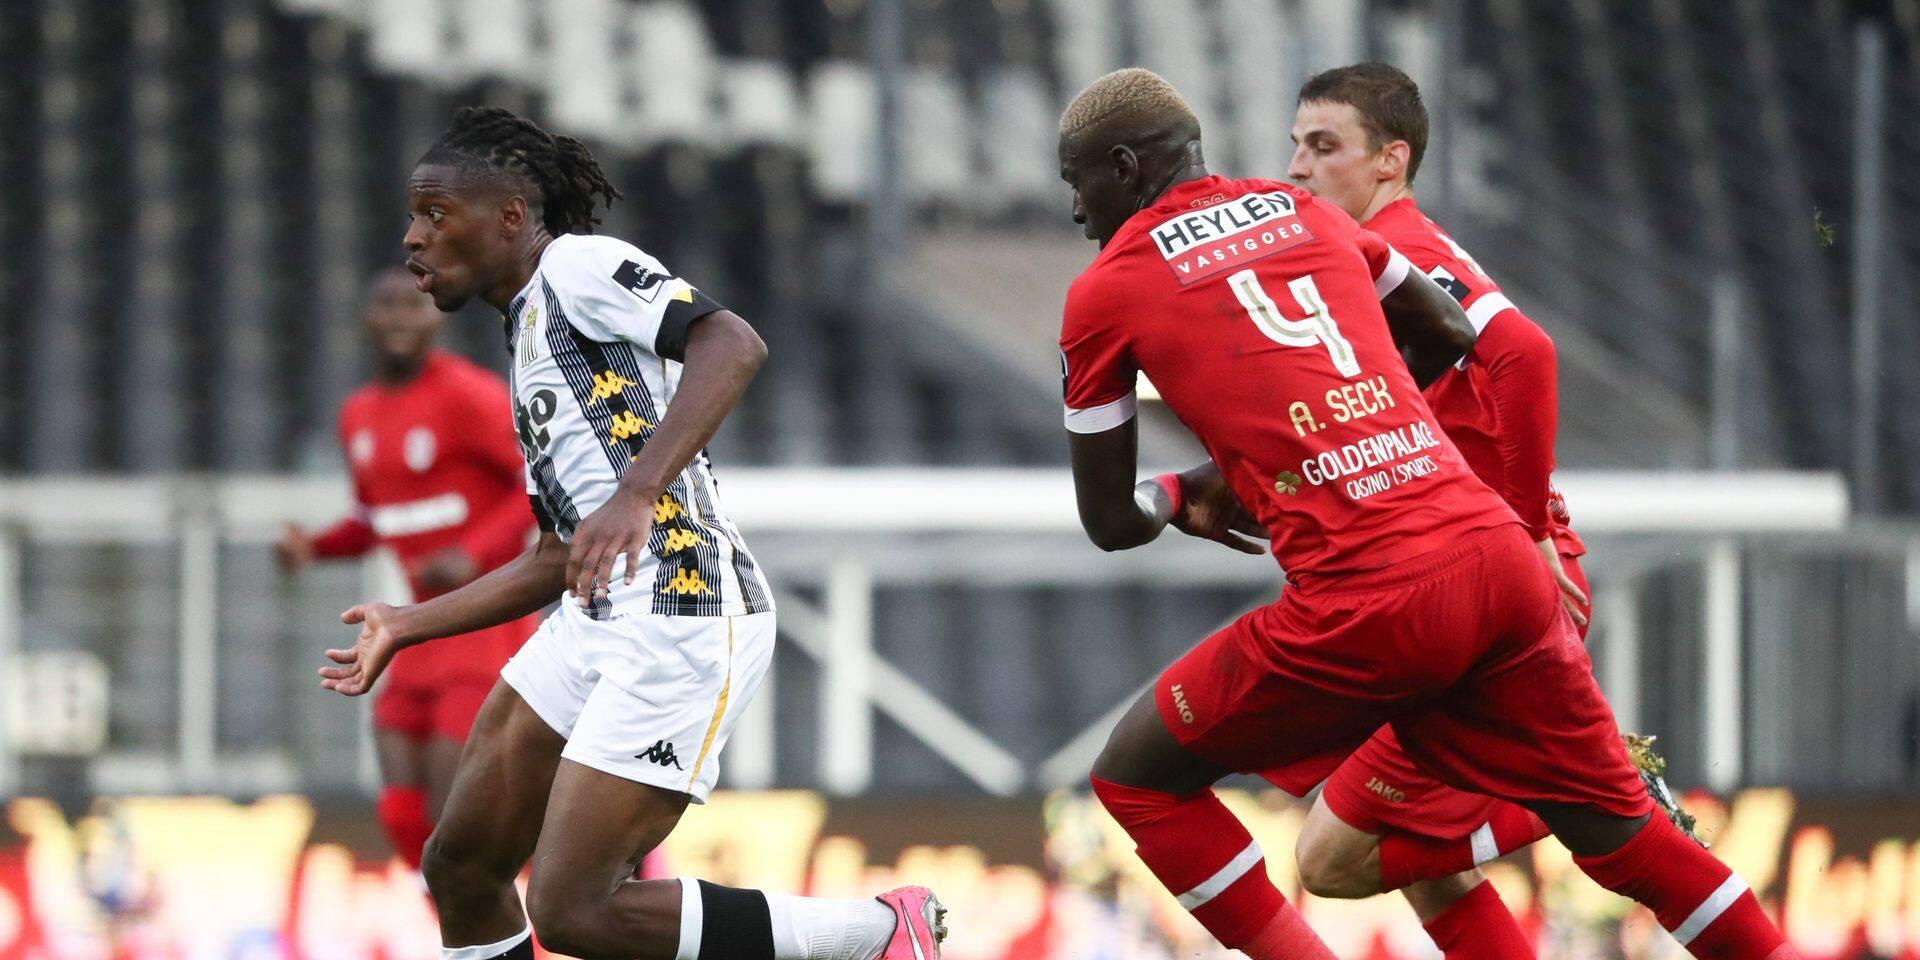 Charleroi -Antwerp en stats : Kayembe et Nicholson sur une autre planète, Dessoleil bousculé